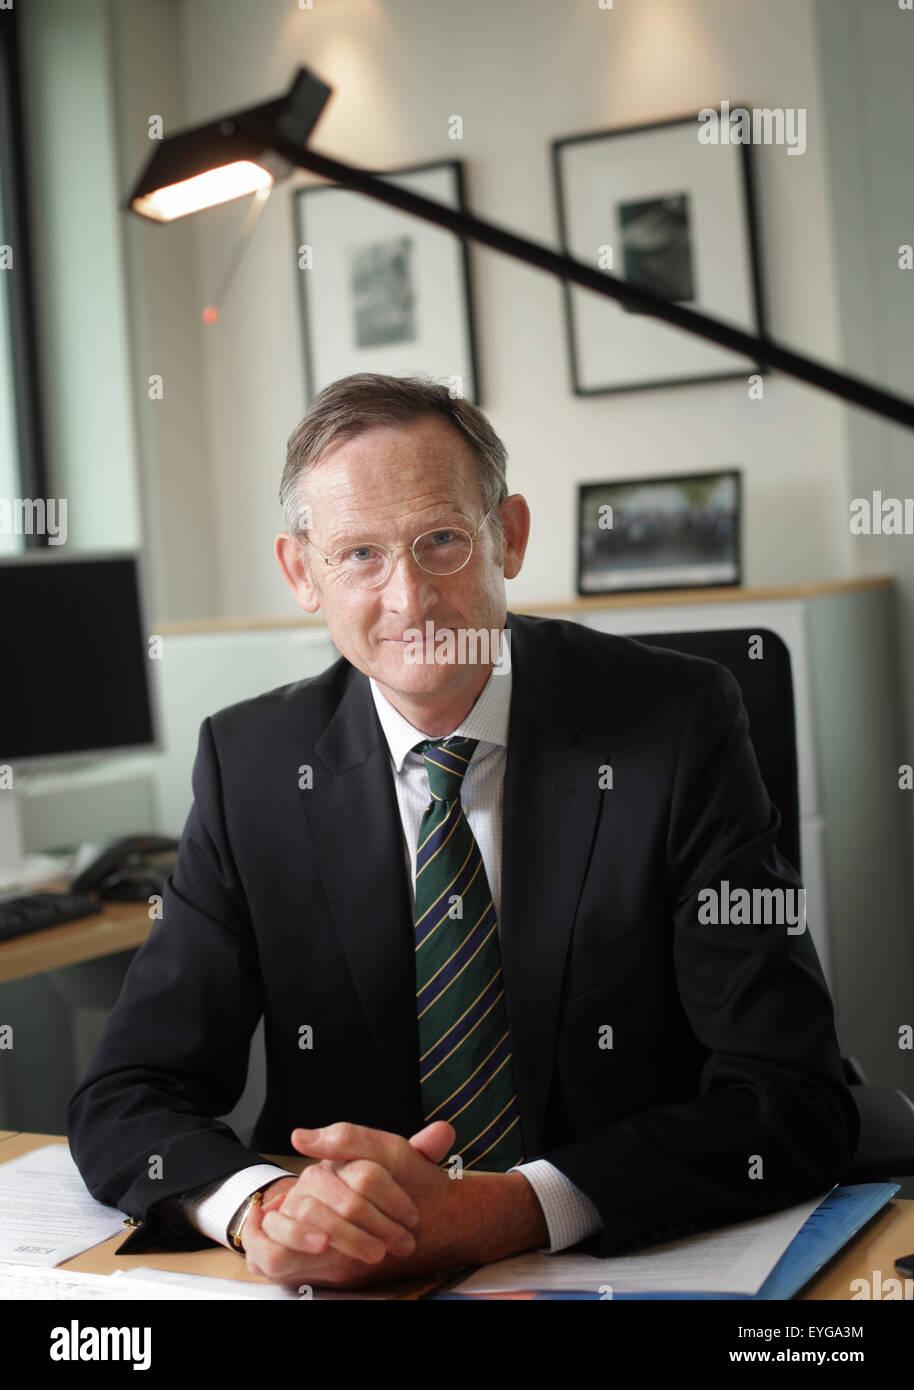 Dr Juergen Allerkamp Stockfotos Und Bilder Kaufen Alamy